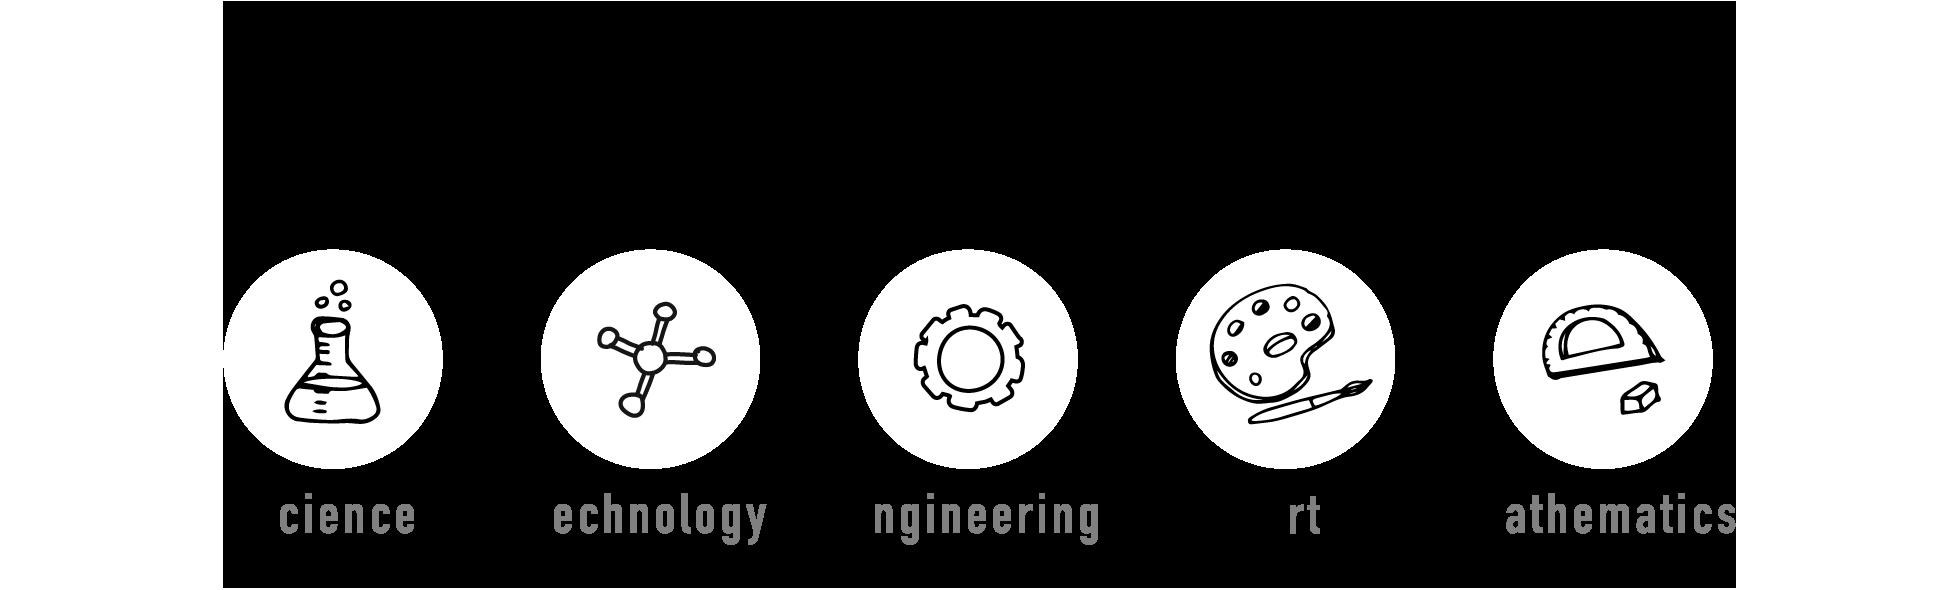 スティーム S.T.E.A.M / Science(科学)・Technology(技術)・Engineering(工学)・Art(芸術)・Mathematics(数学)